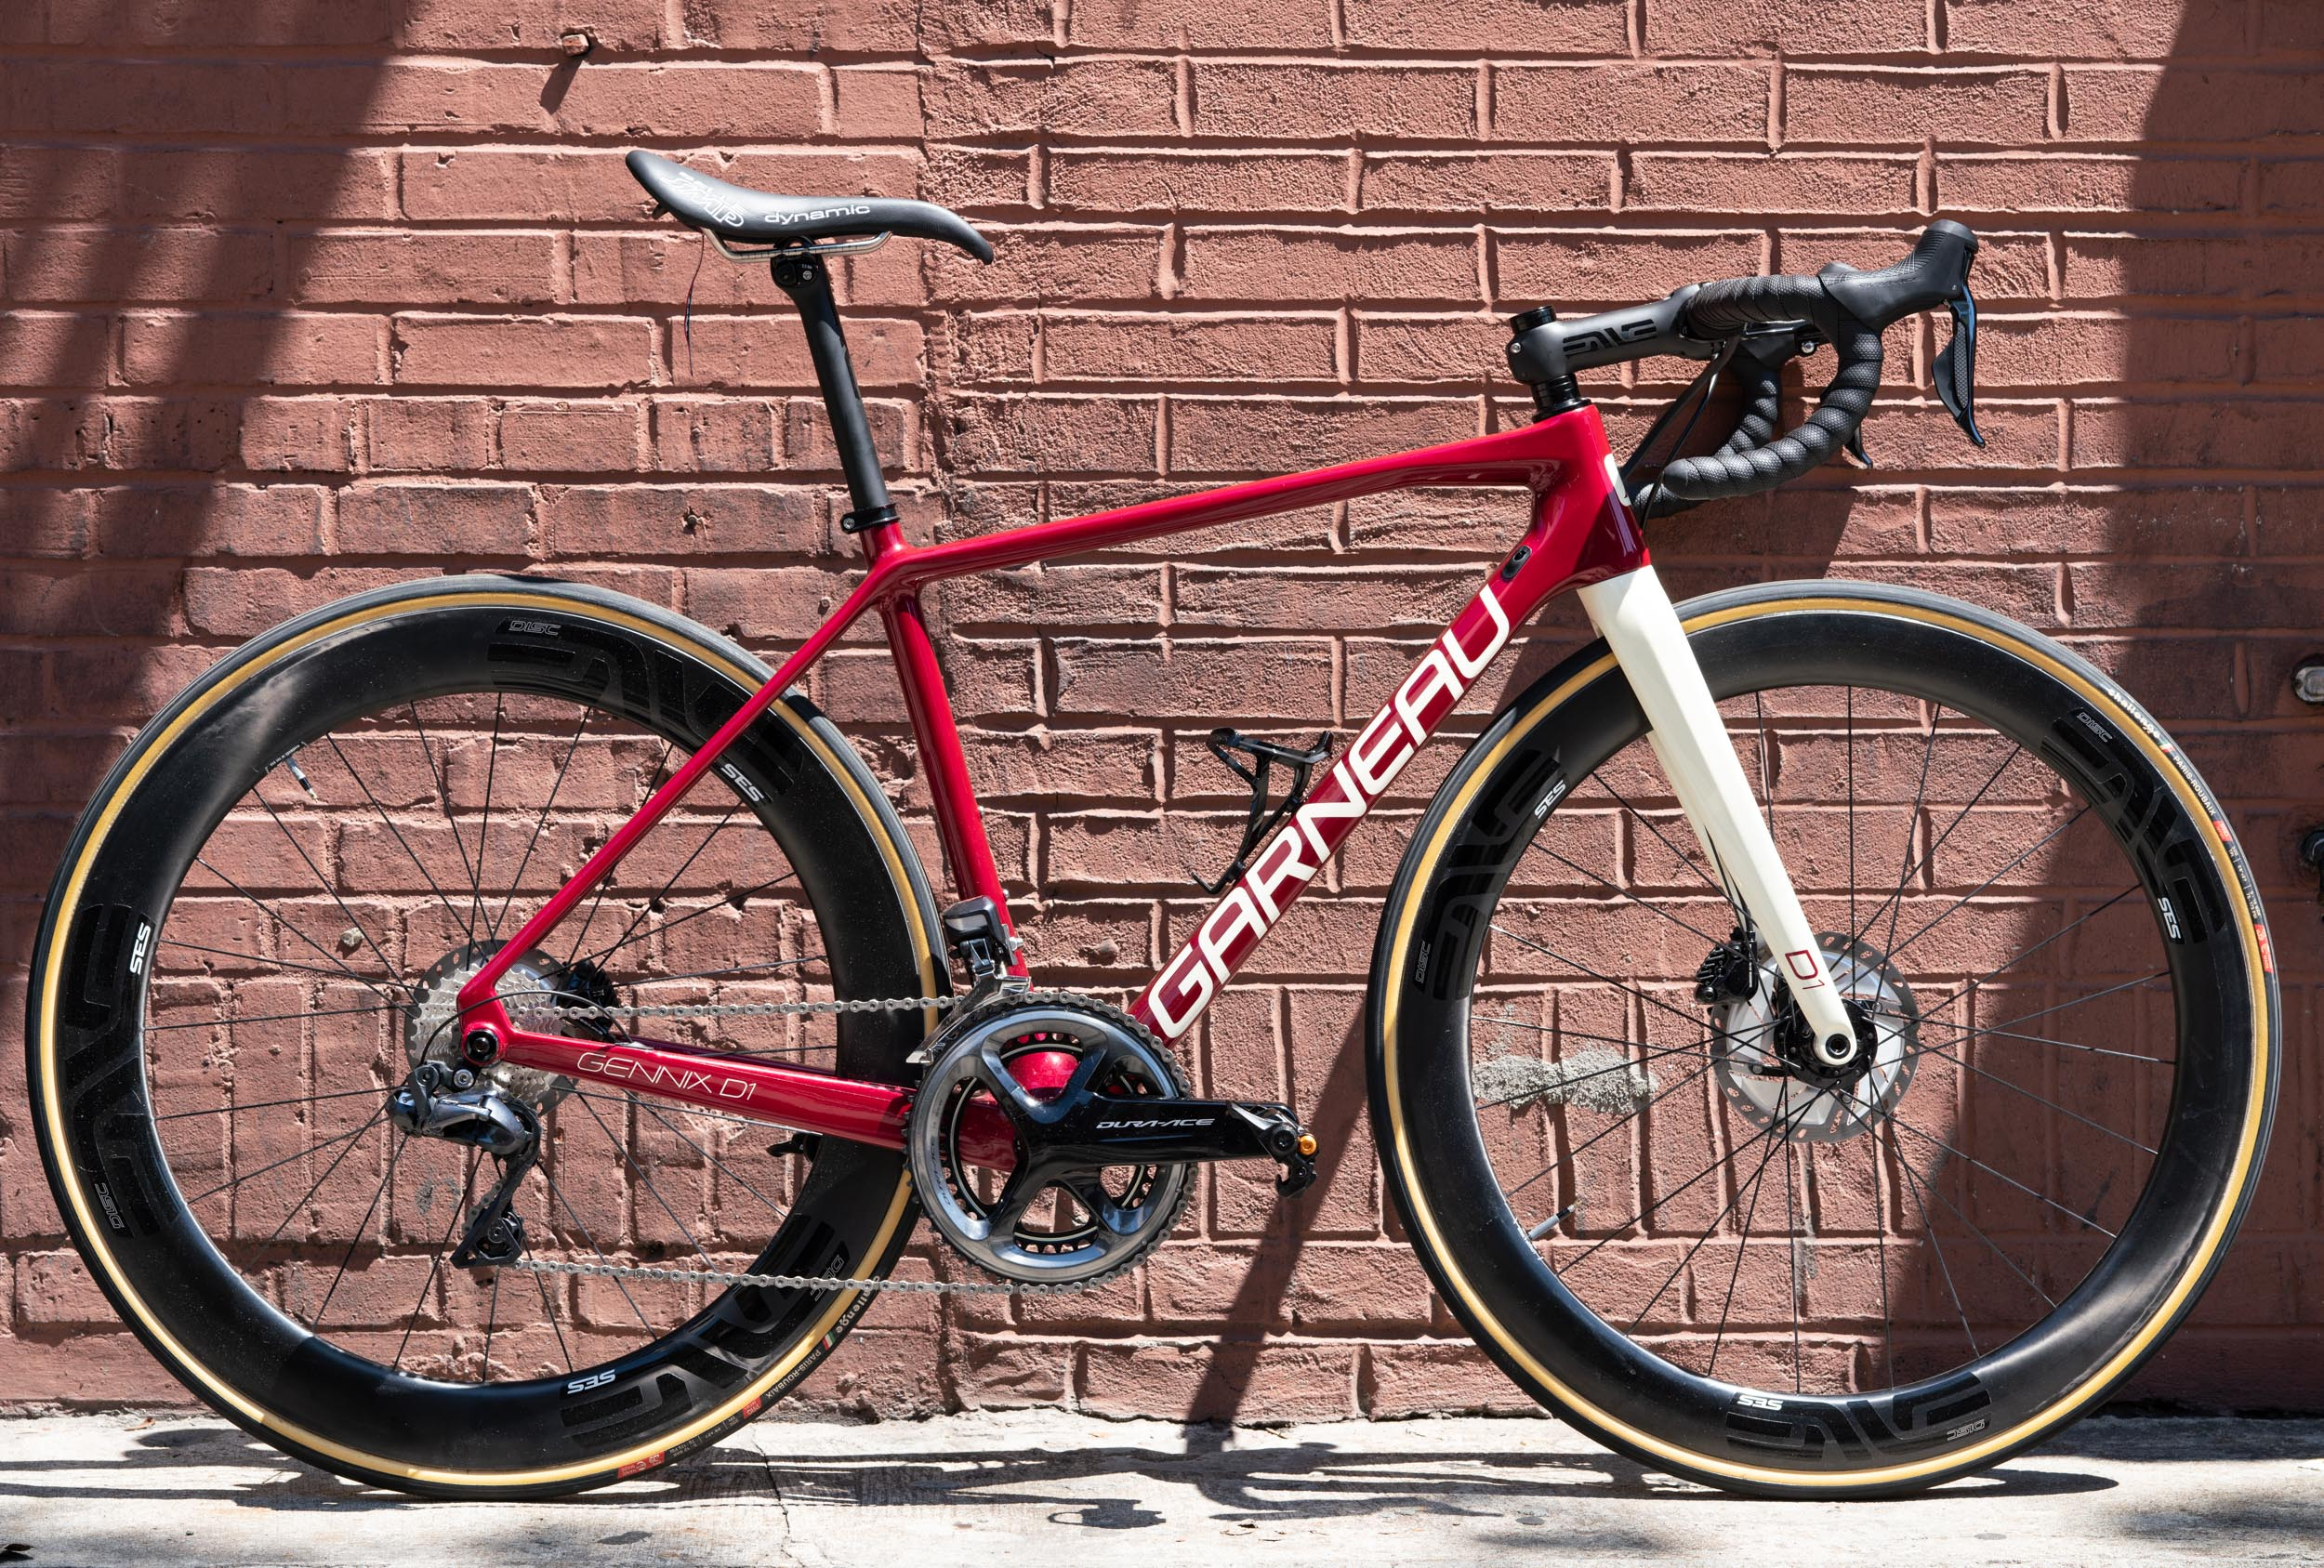 photo-rhetoric-to-be-determined-garneau-d1-blood-bike-1000.jpg